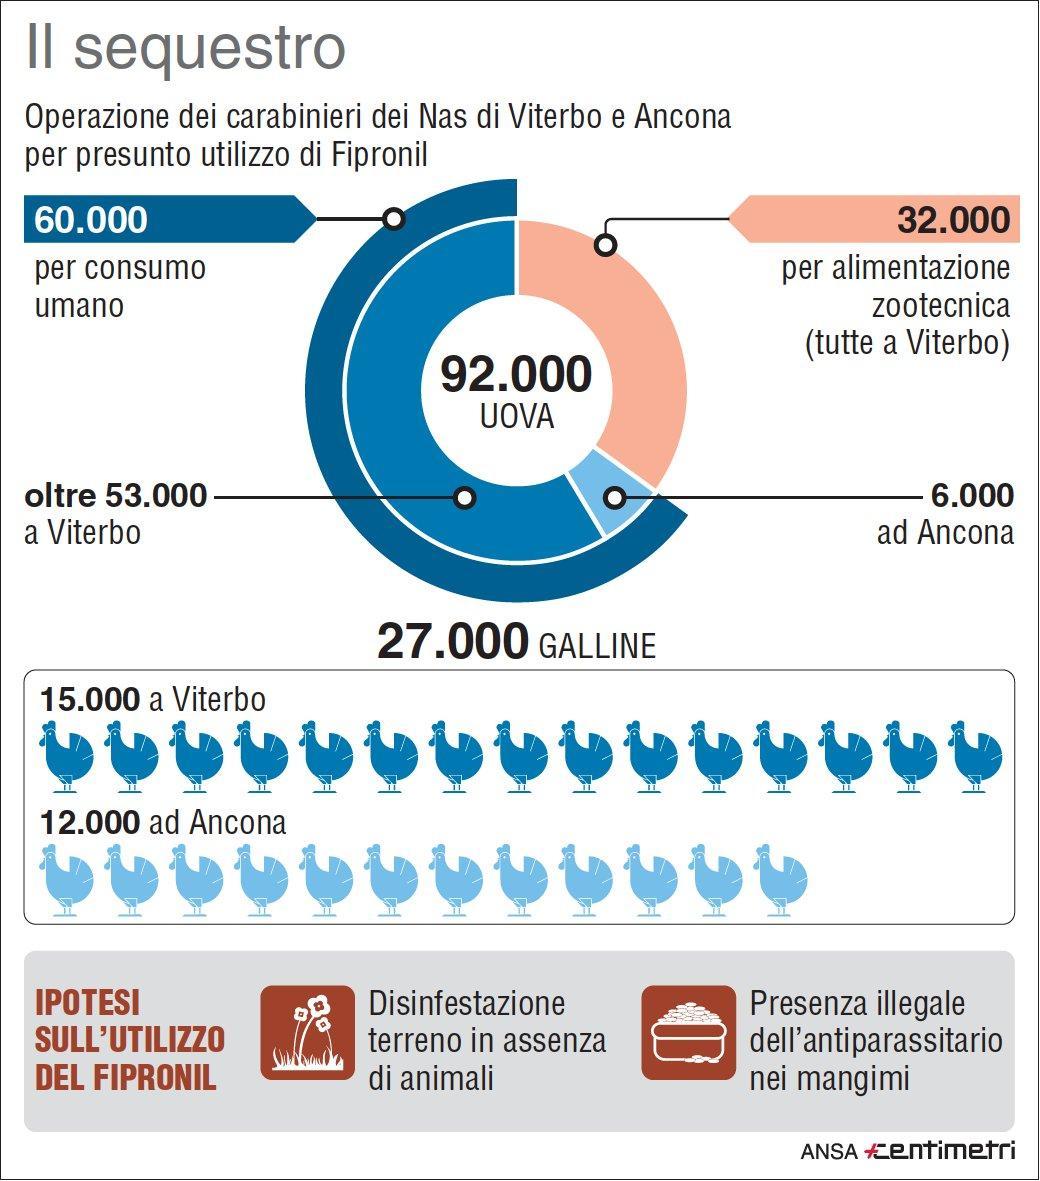 Uova contaminate, sequestri a Viterbo e Ancona